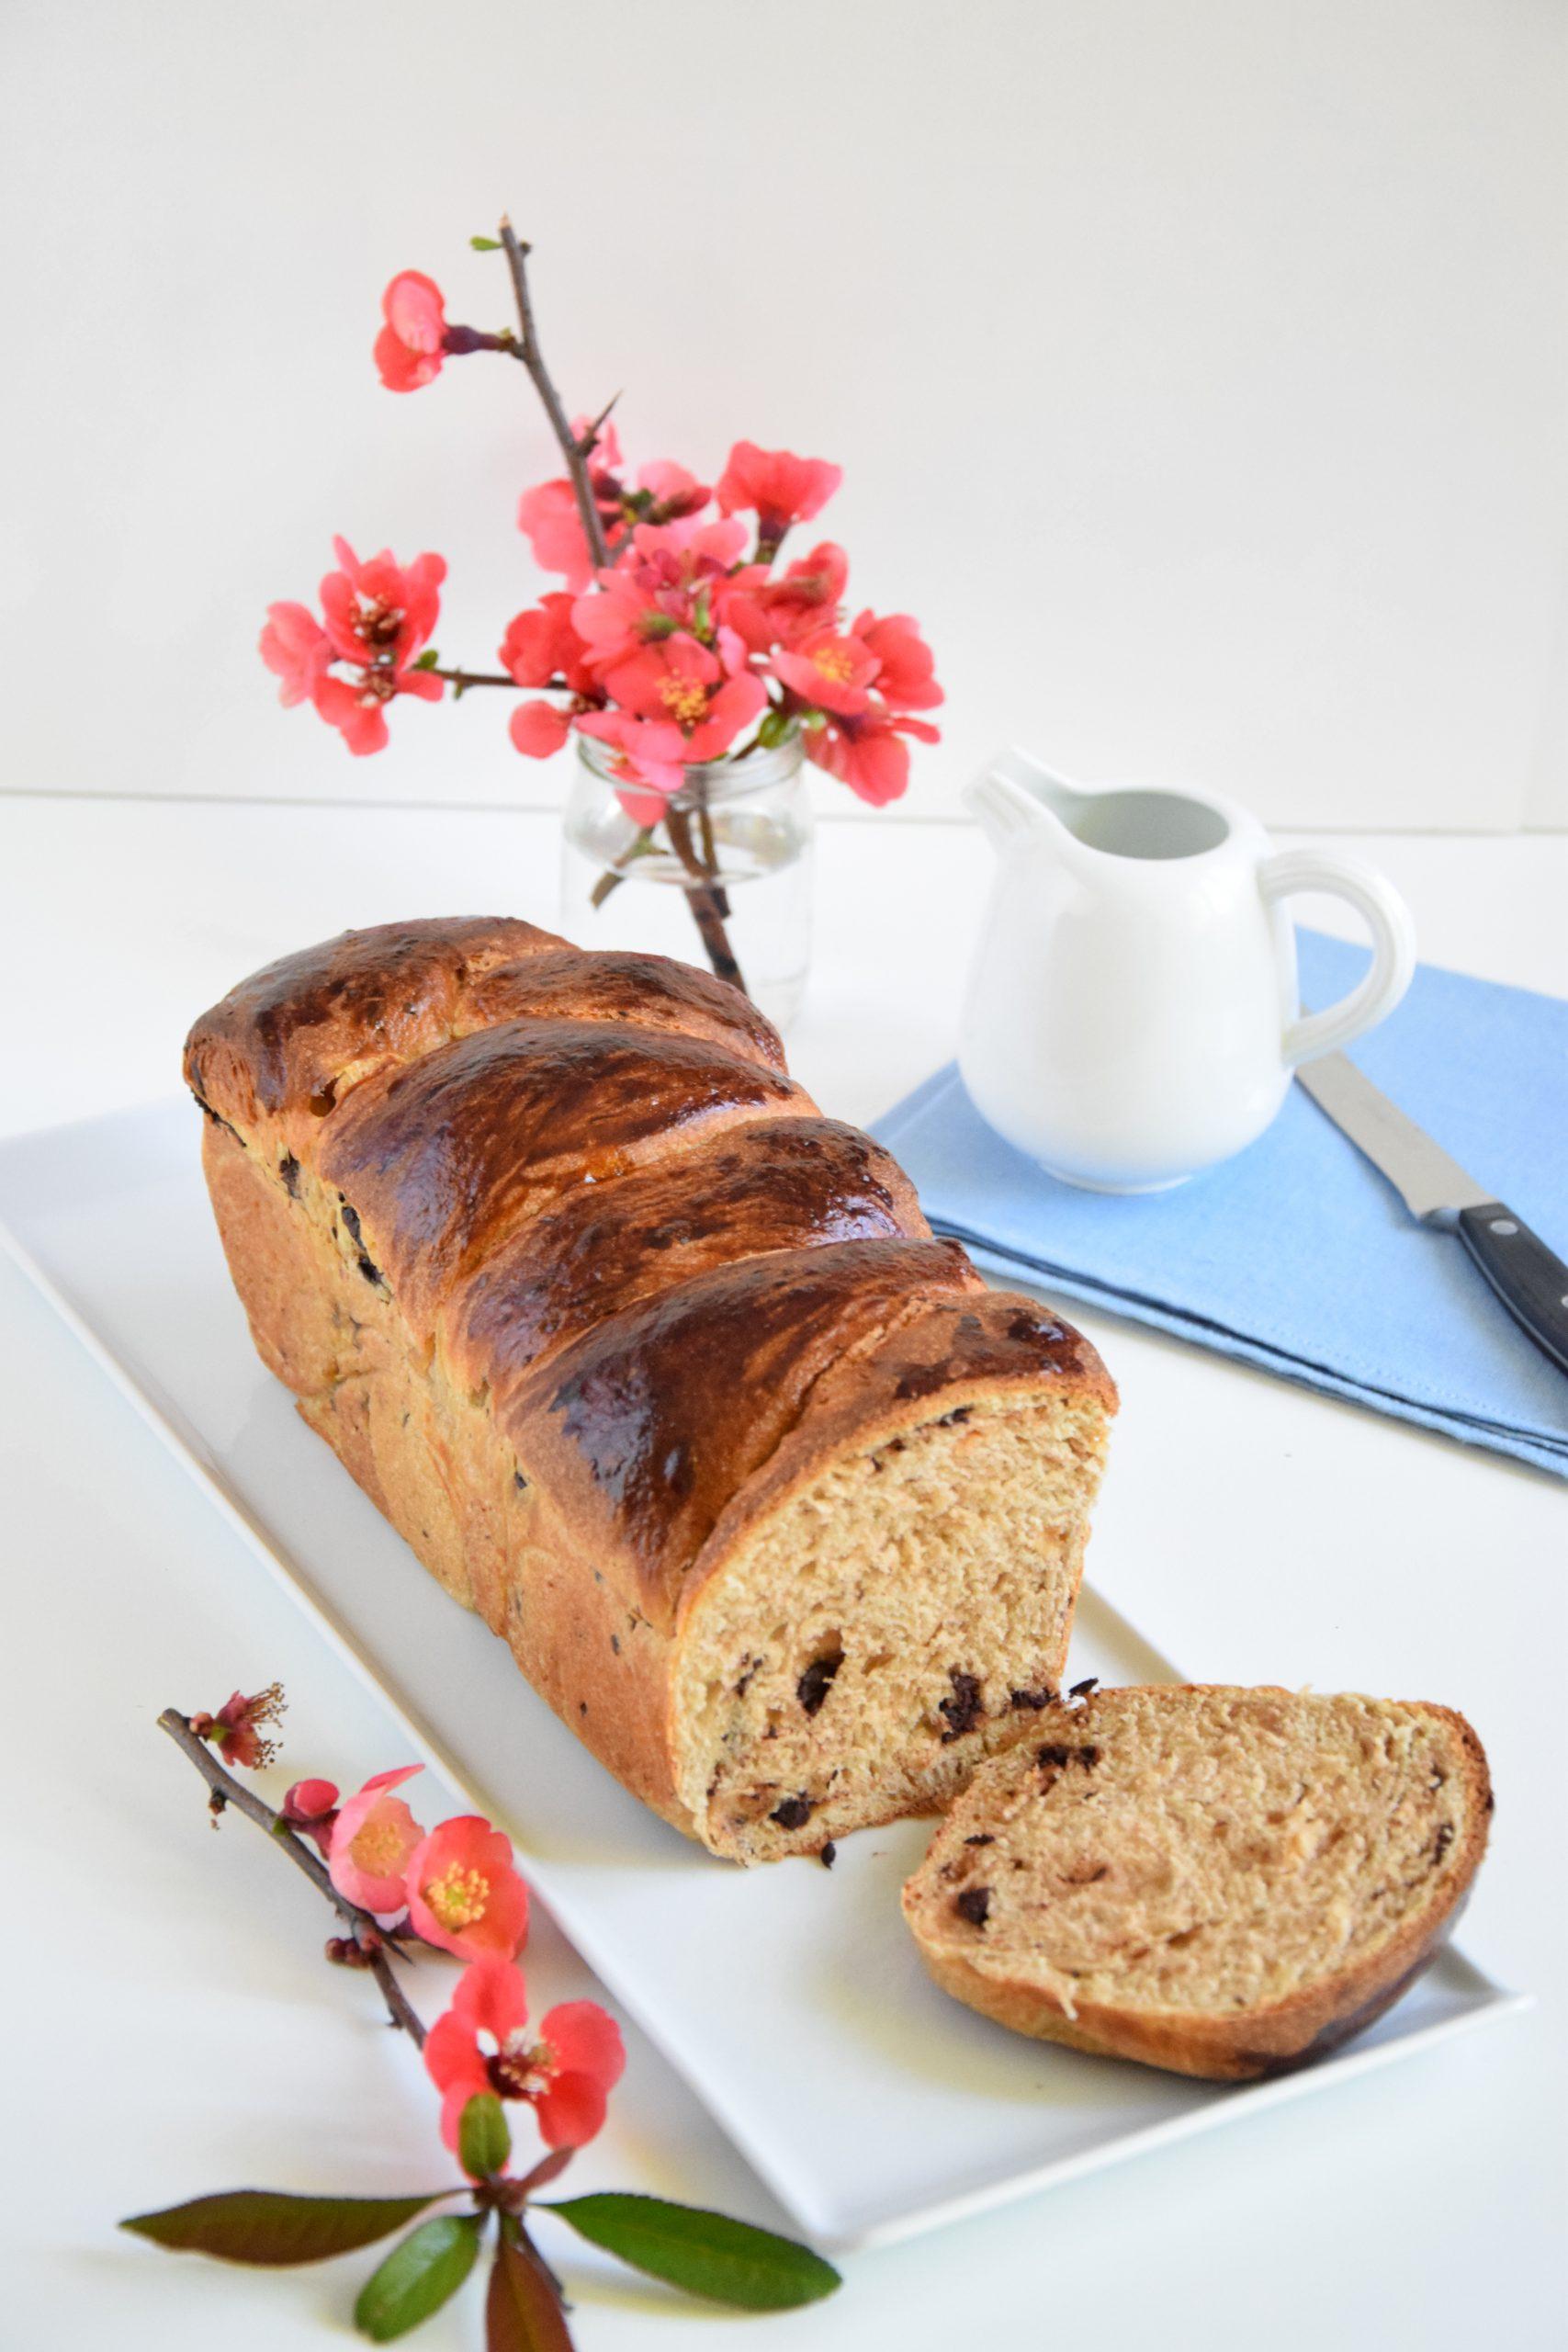 Pan brioche pere e cioccolato con lievito madre